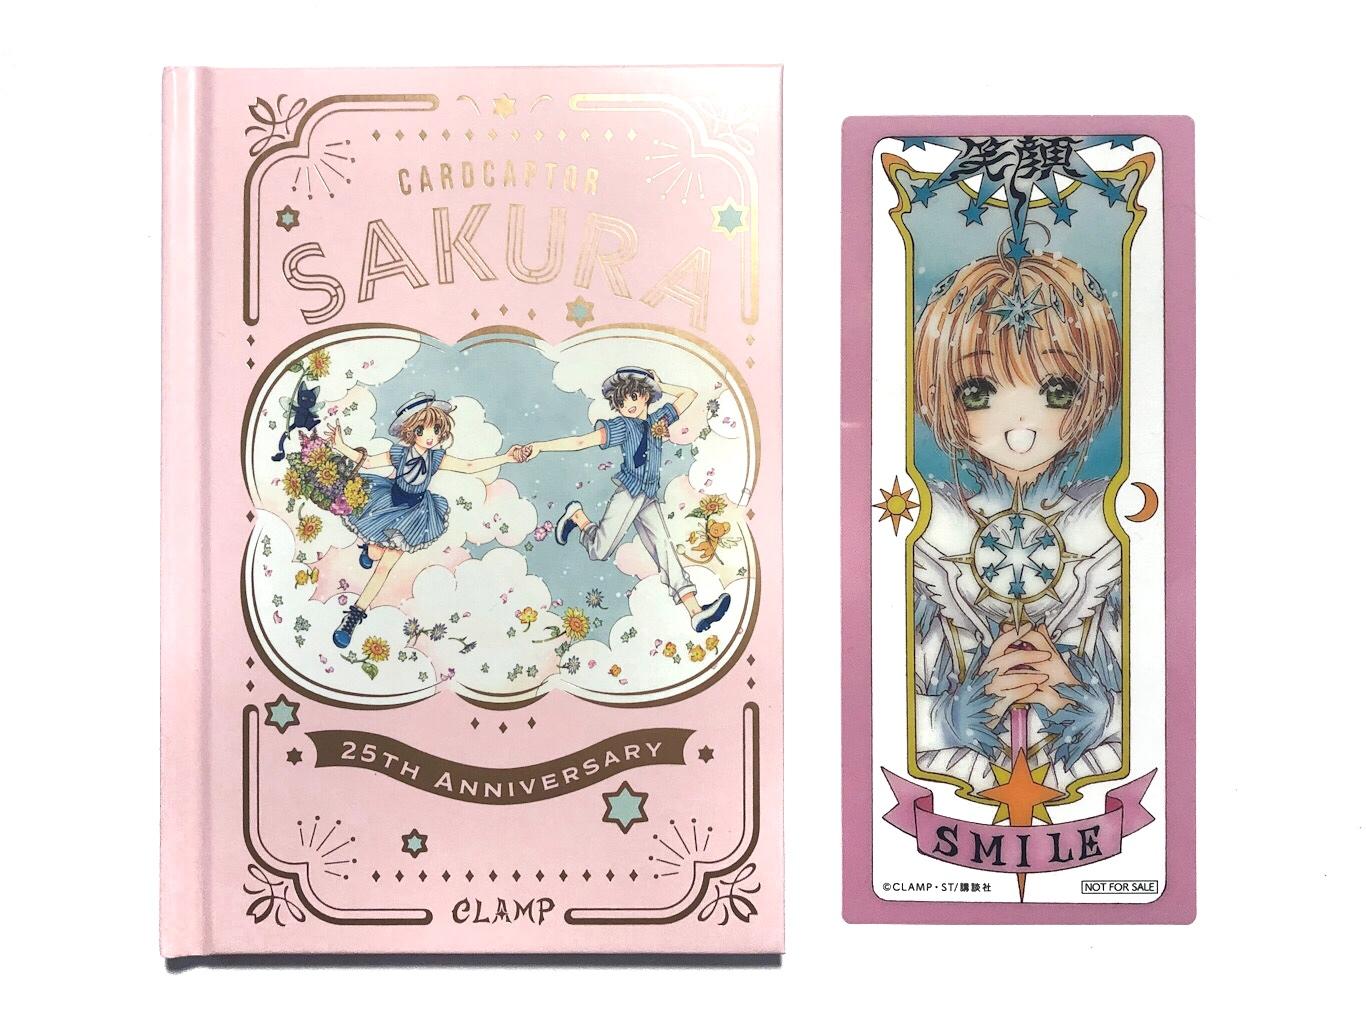 『カードキャプターさくら』連載25周年記念 アニバーサリー♡ノートブック&オリジナルクリアカード「笑顔(SMILE)」